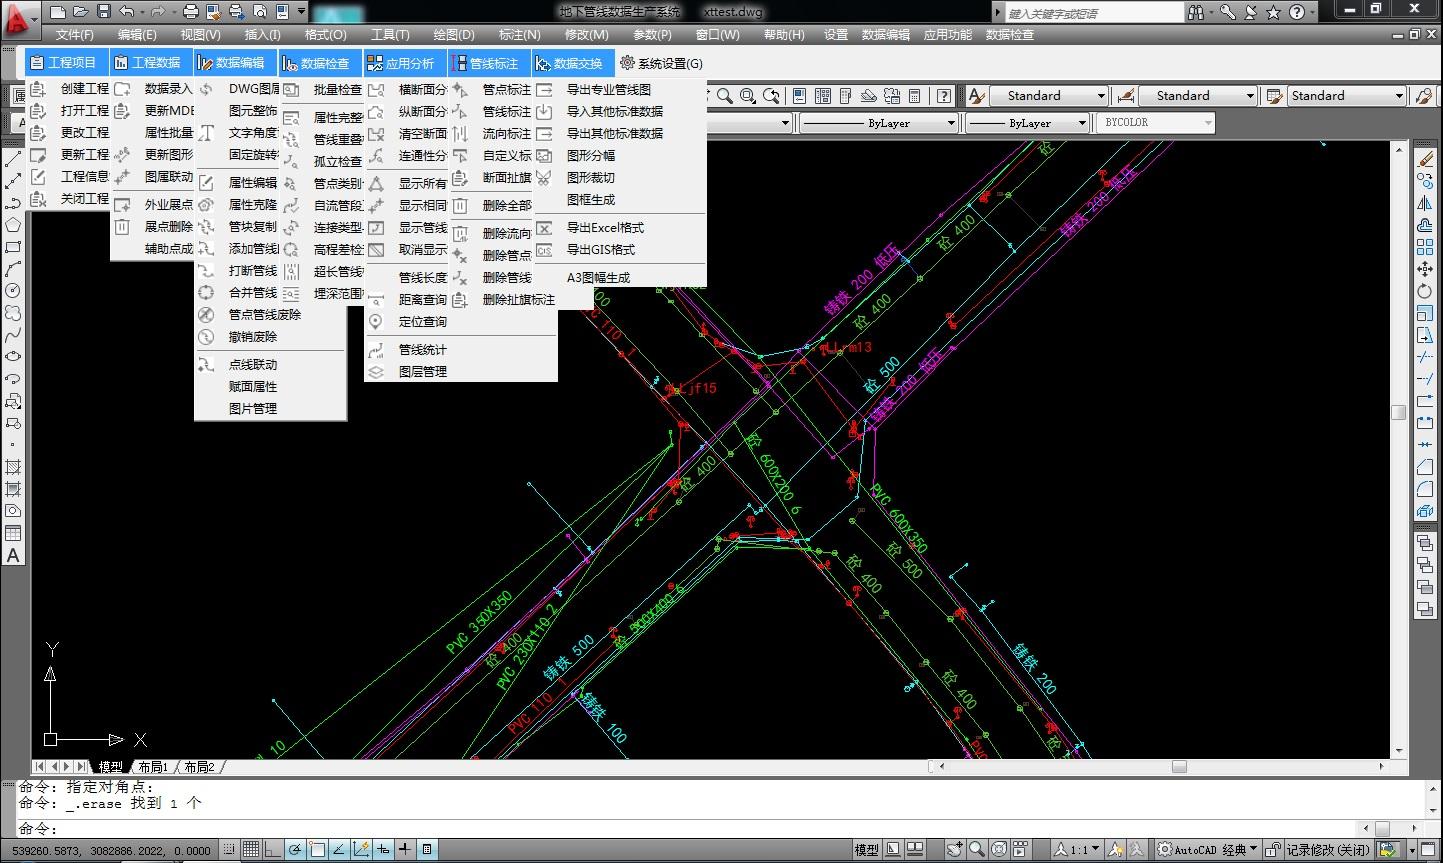 管线数据生产系统